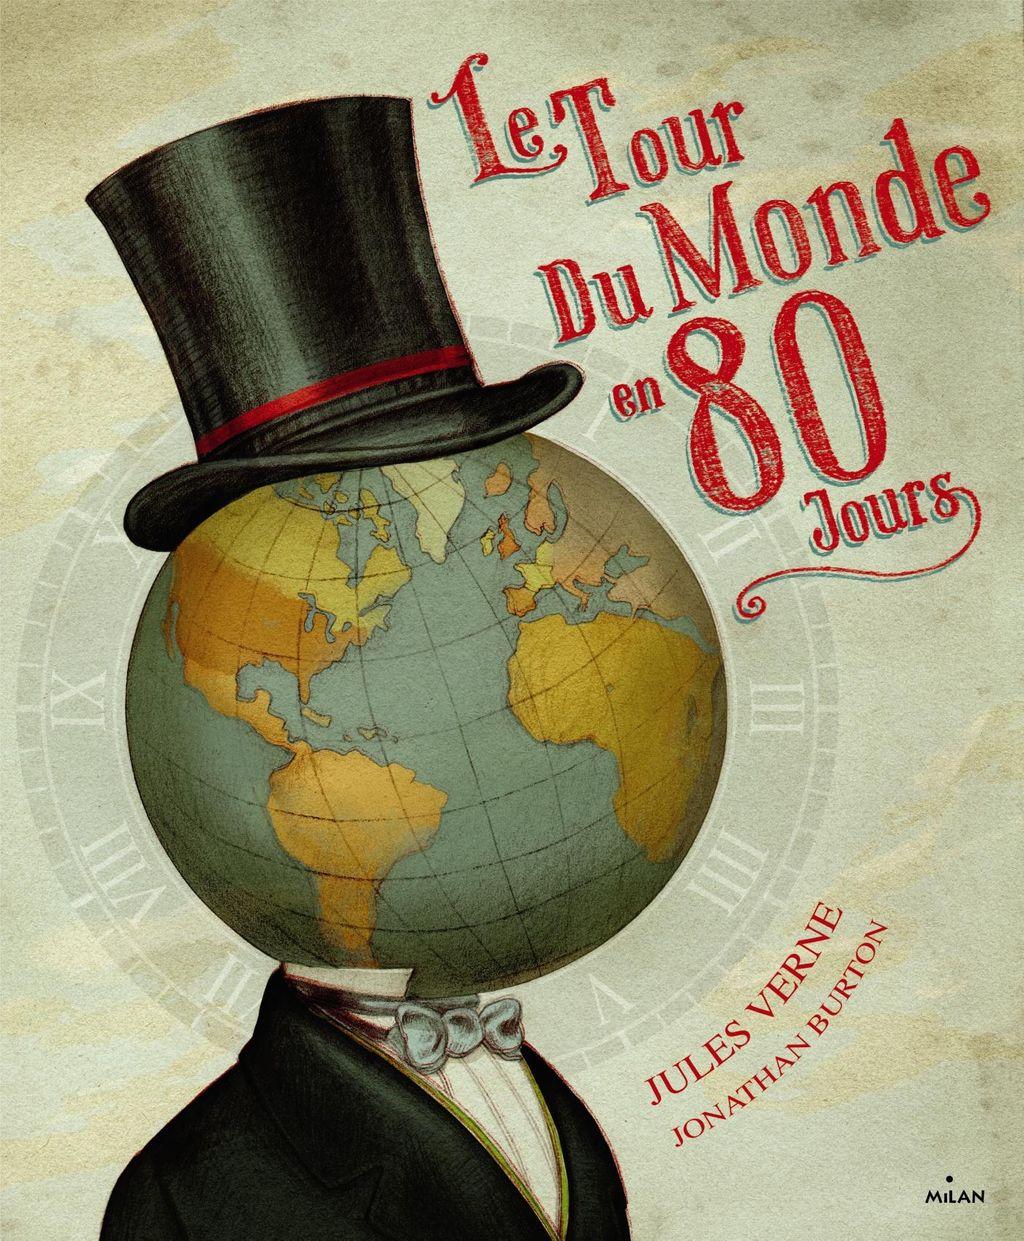 «Le tour du monde en 80 jours» cover